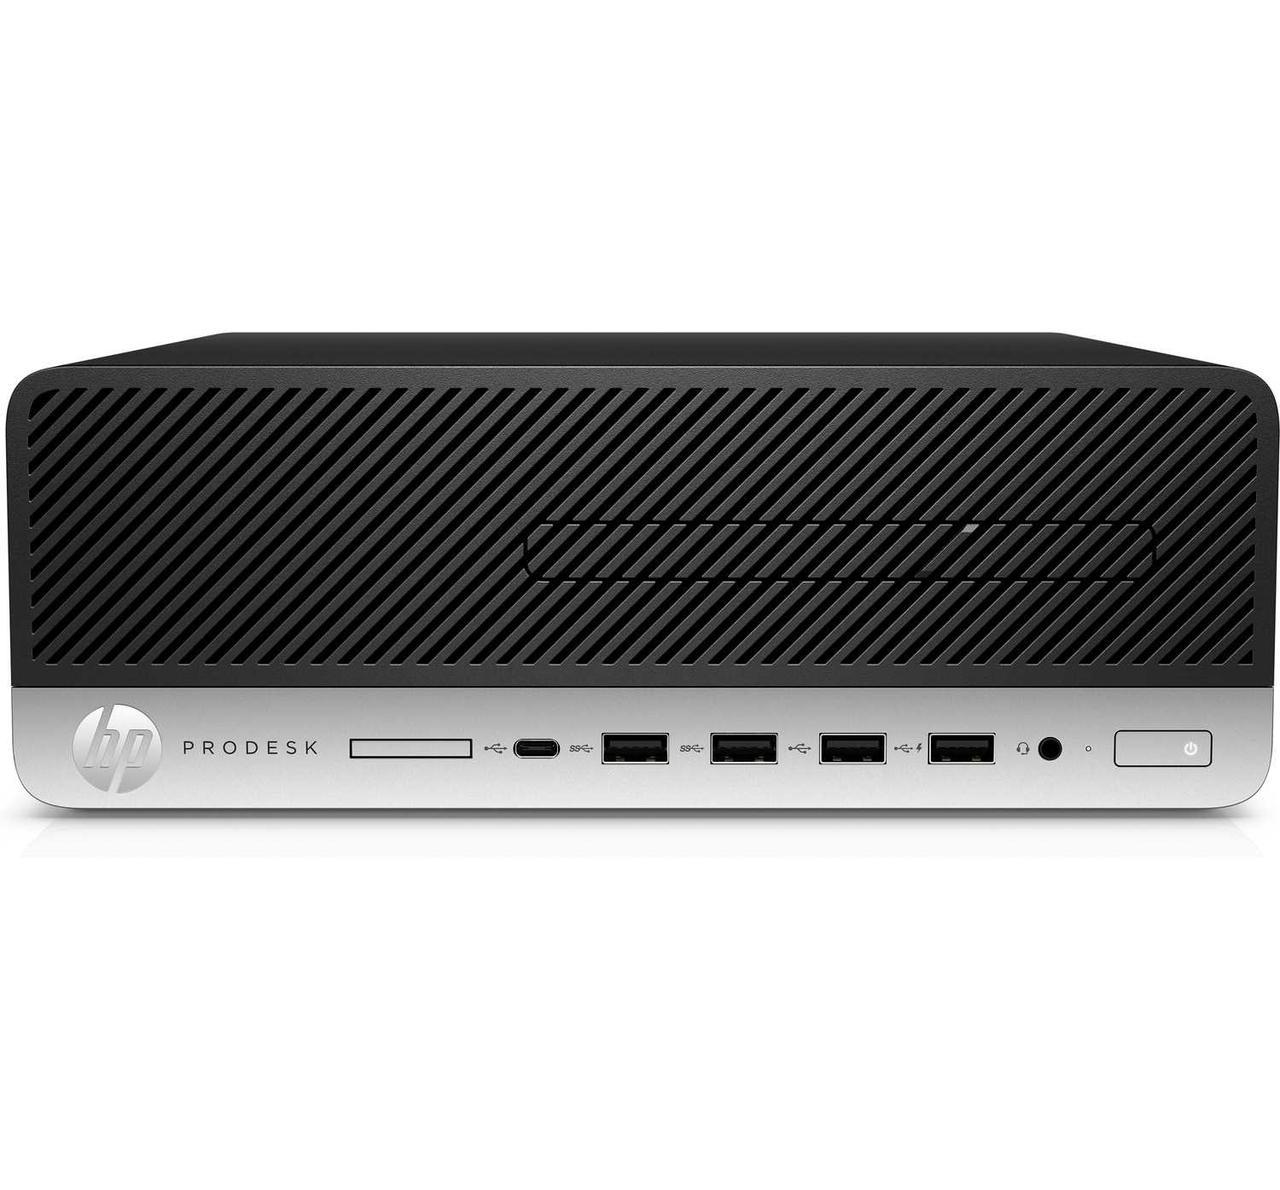 Компьютер HP Prodesk 600 G3 SFF / Platinum / i3-6100 / 4GB / 500GB HDD / DOS / DVD-WR / 3yw / USB Slim kbd / m